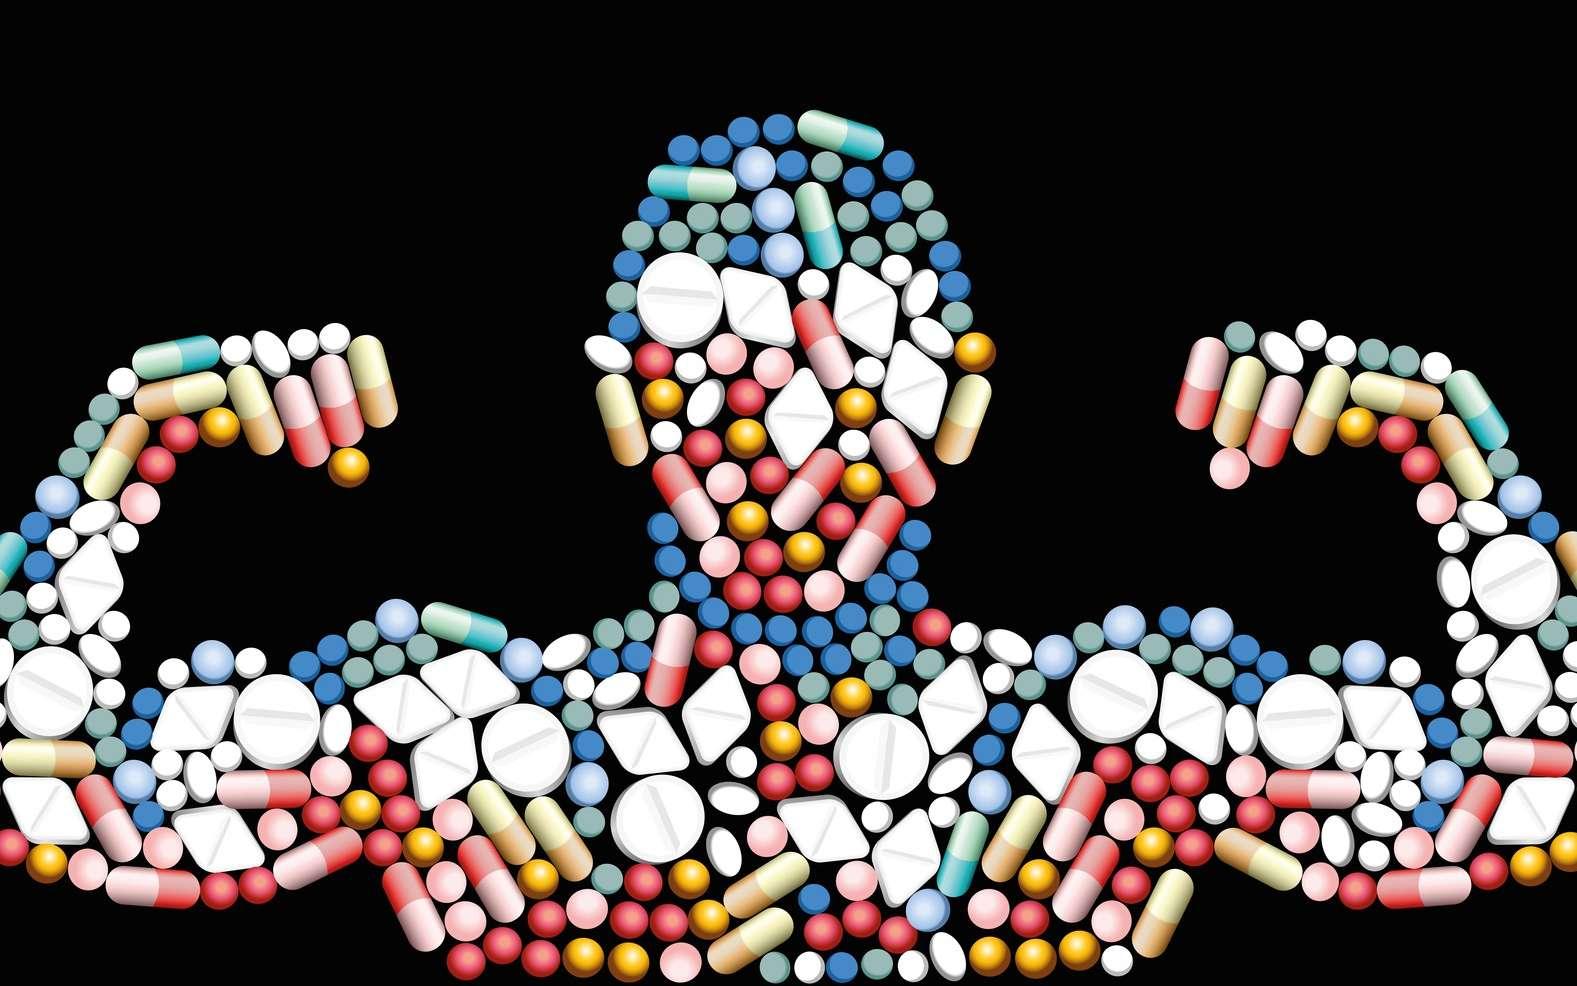 Prendre des médicaments pour être plus performant : c'est du dopage. © Peter Hermes Furian, Fotolia